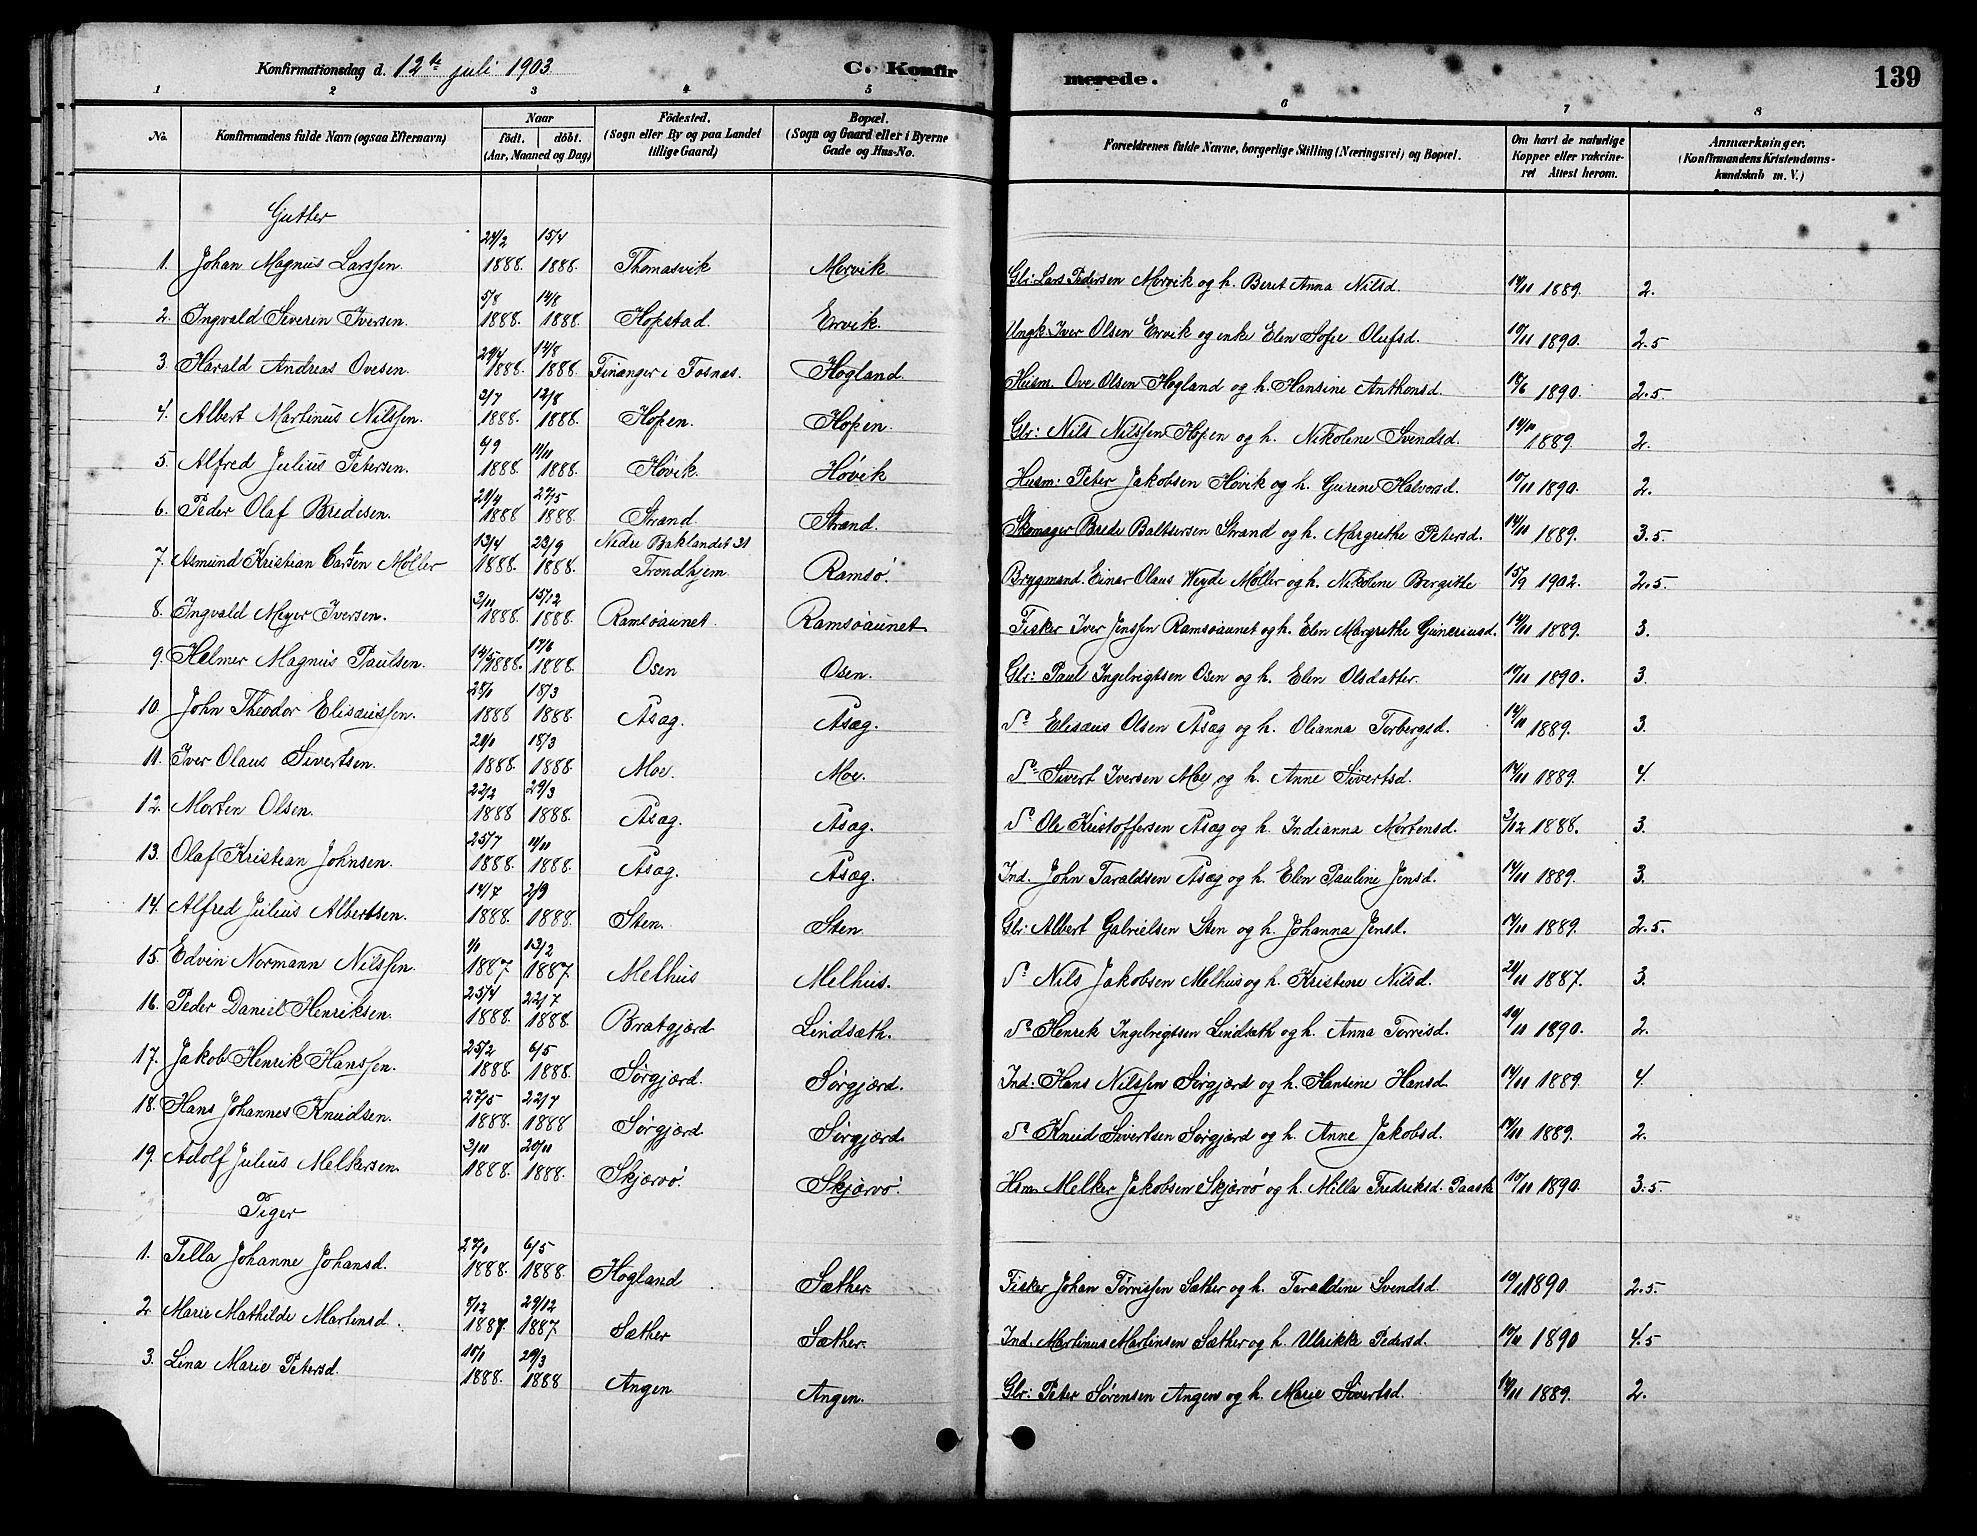 SAT, Ministerialprotokoller, klokkerbøker og fødselsregistre - Sør-Trøndelag, 658/L0726: Klokkerbok nr. 658C02, 1883-1908, s. 139